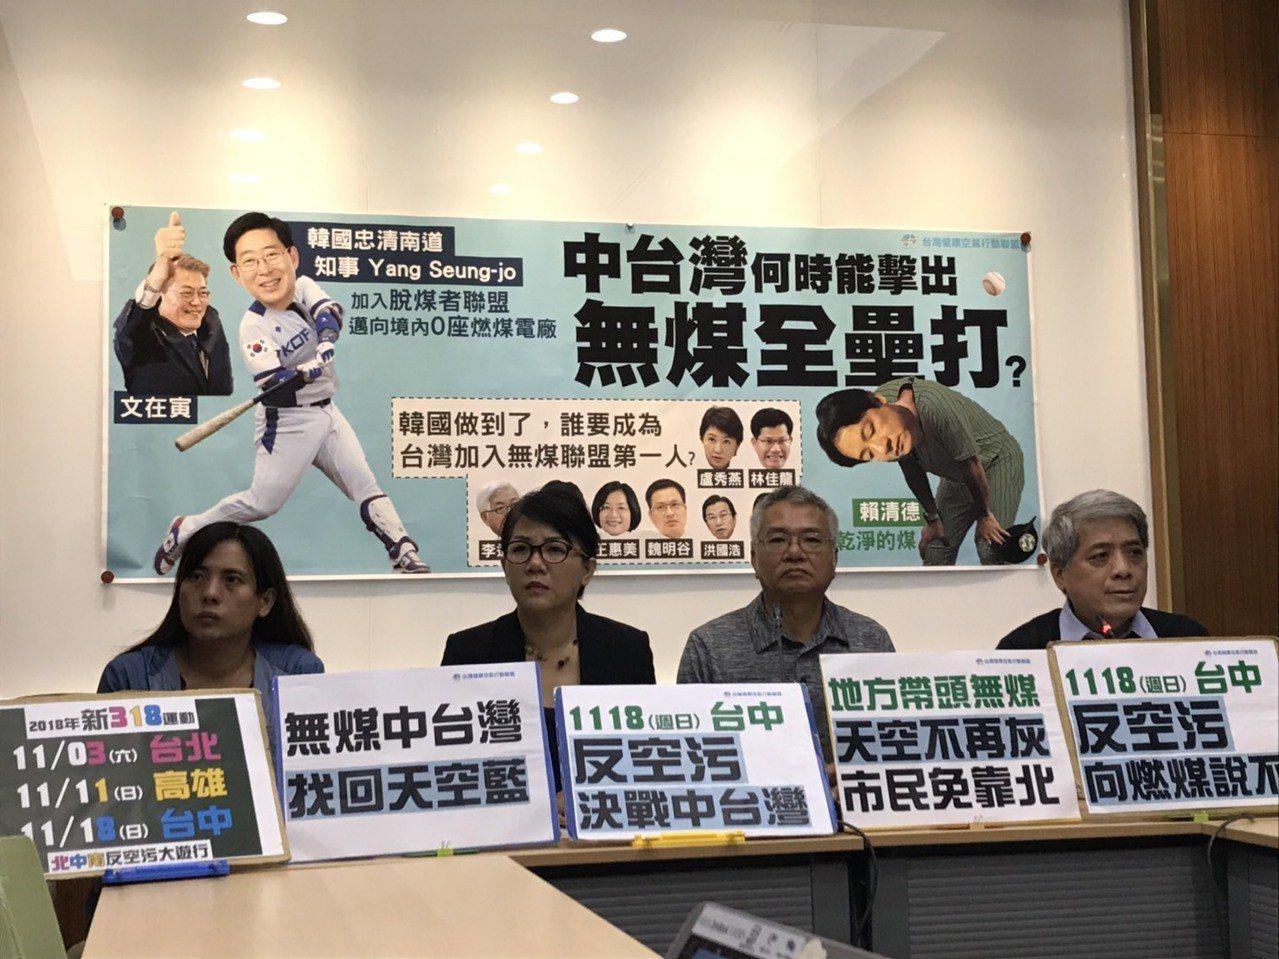 台灣健康空氣行動聯盟今舉行記者會,預告1118台中反空汙遊行。記者連珮宇/攝影